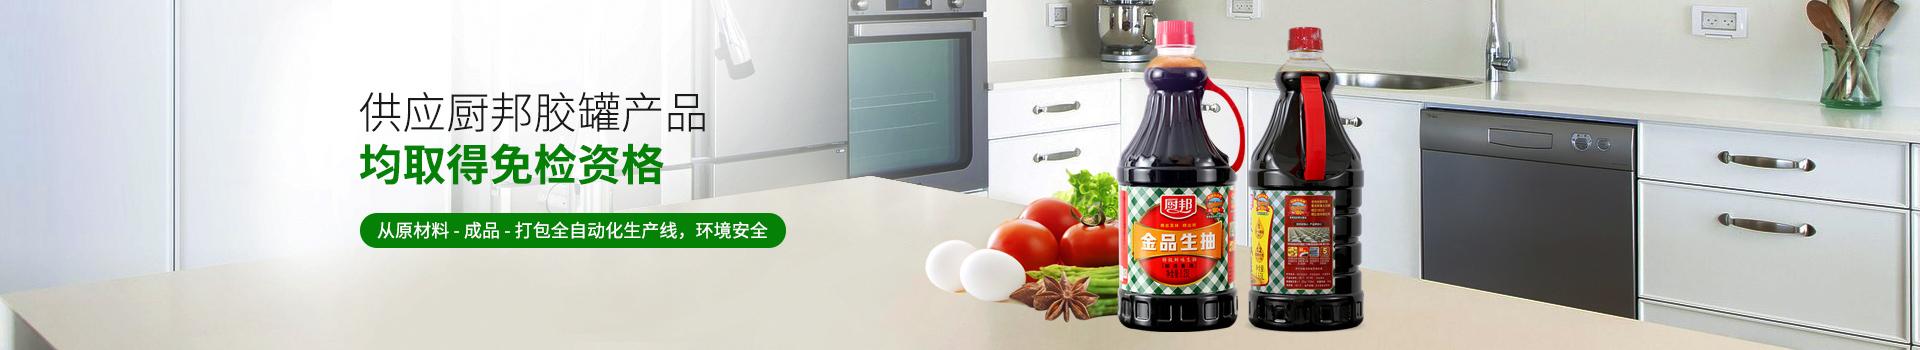 恒茂包装-供应厨邦胶罐产品均取得免检资格 从原材料-成品-打包全自动化生产线,环境安全